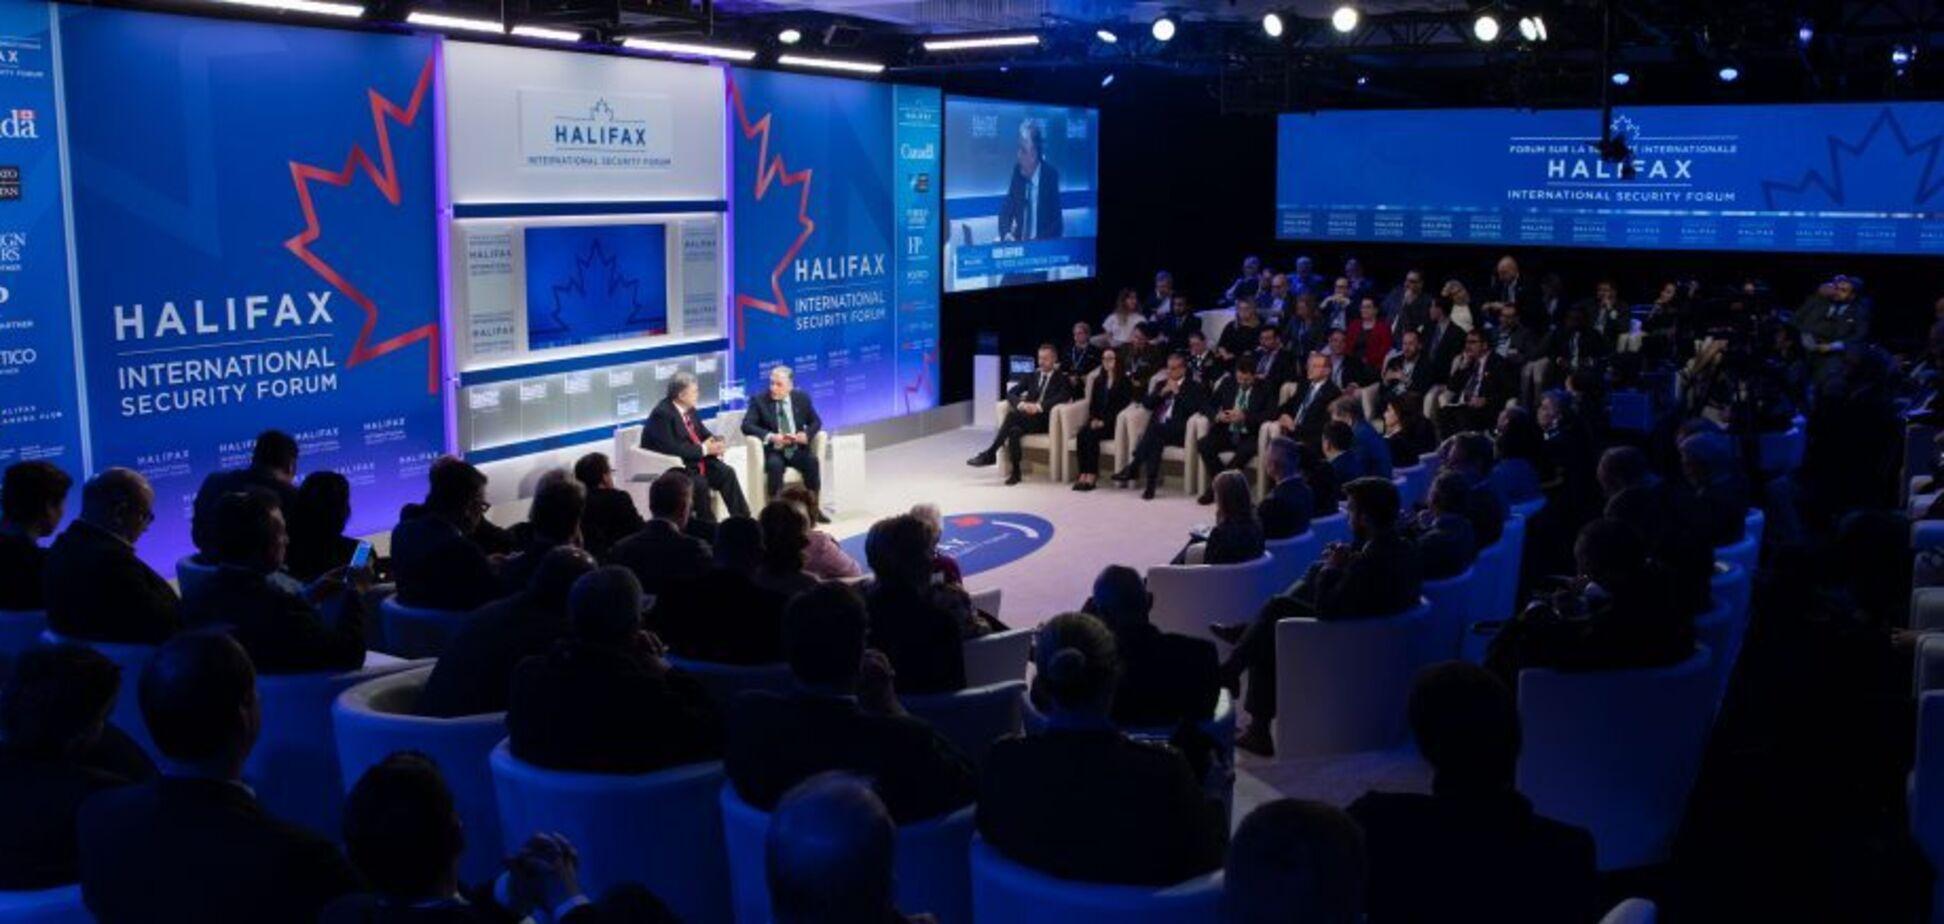 Петр Порошенко примет участие в форуме безопасности в Галифаксе